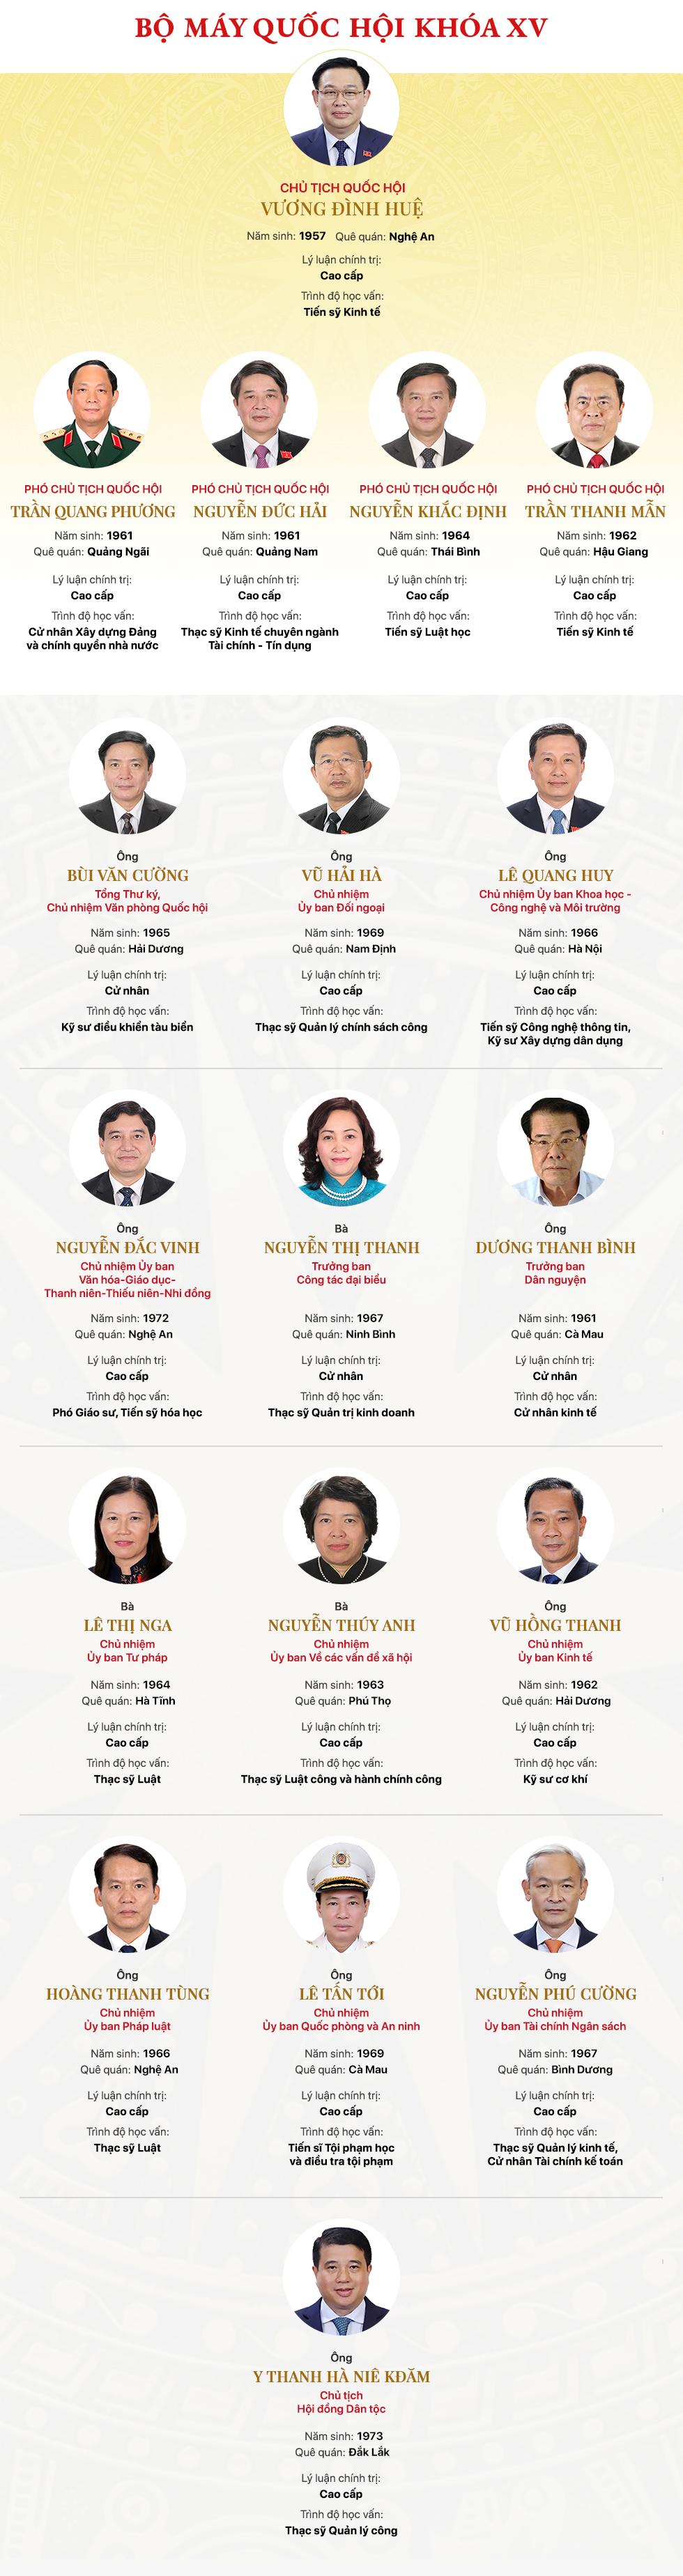 18 thành viên Bộ máy Quốc hội khóa XV - Ảnh 1.